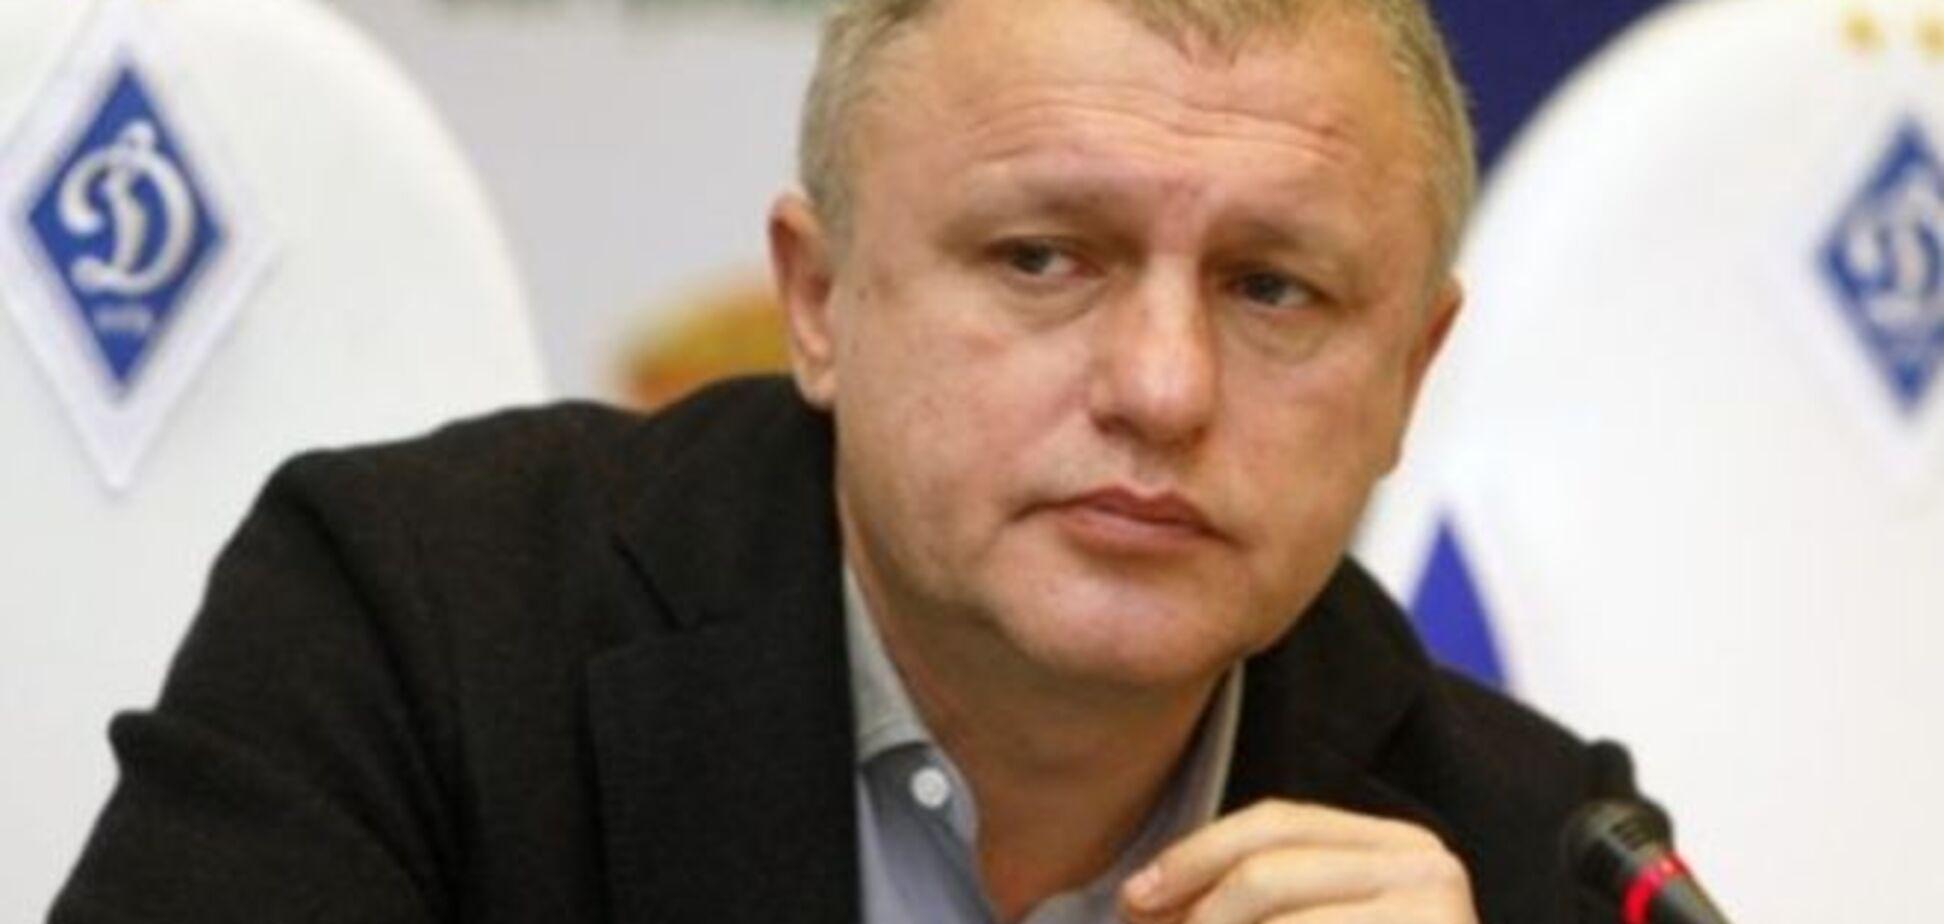 В Украине уже ничего не осталось кроме футбола - Суркис